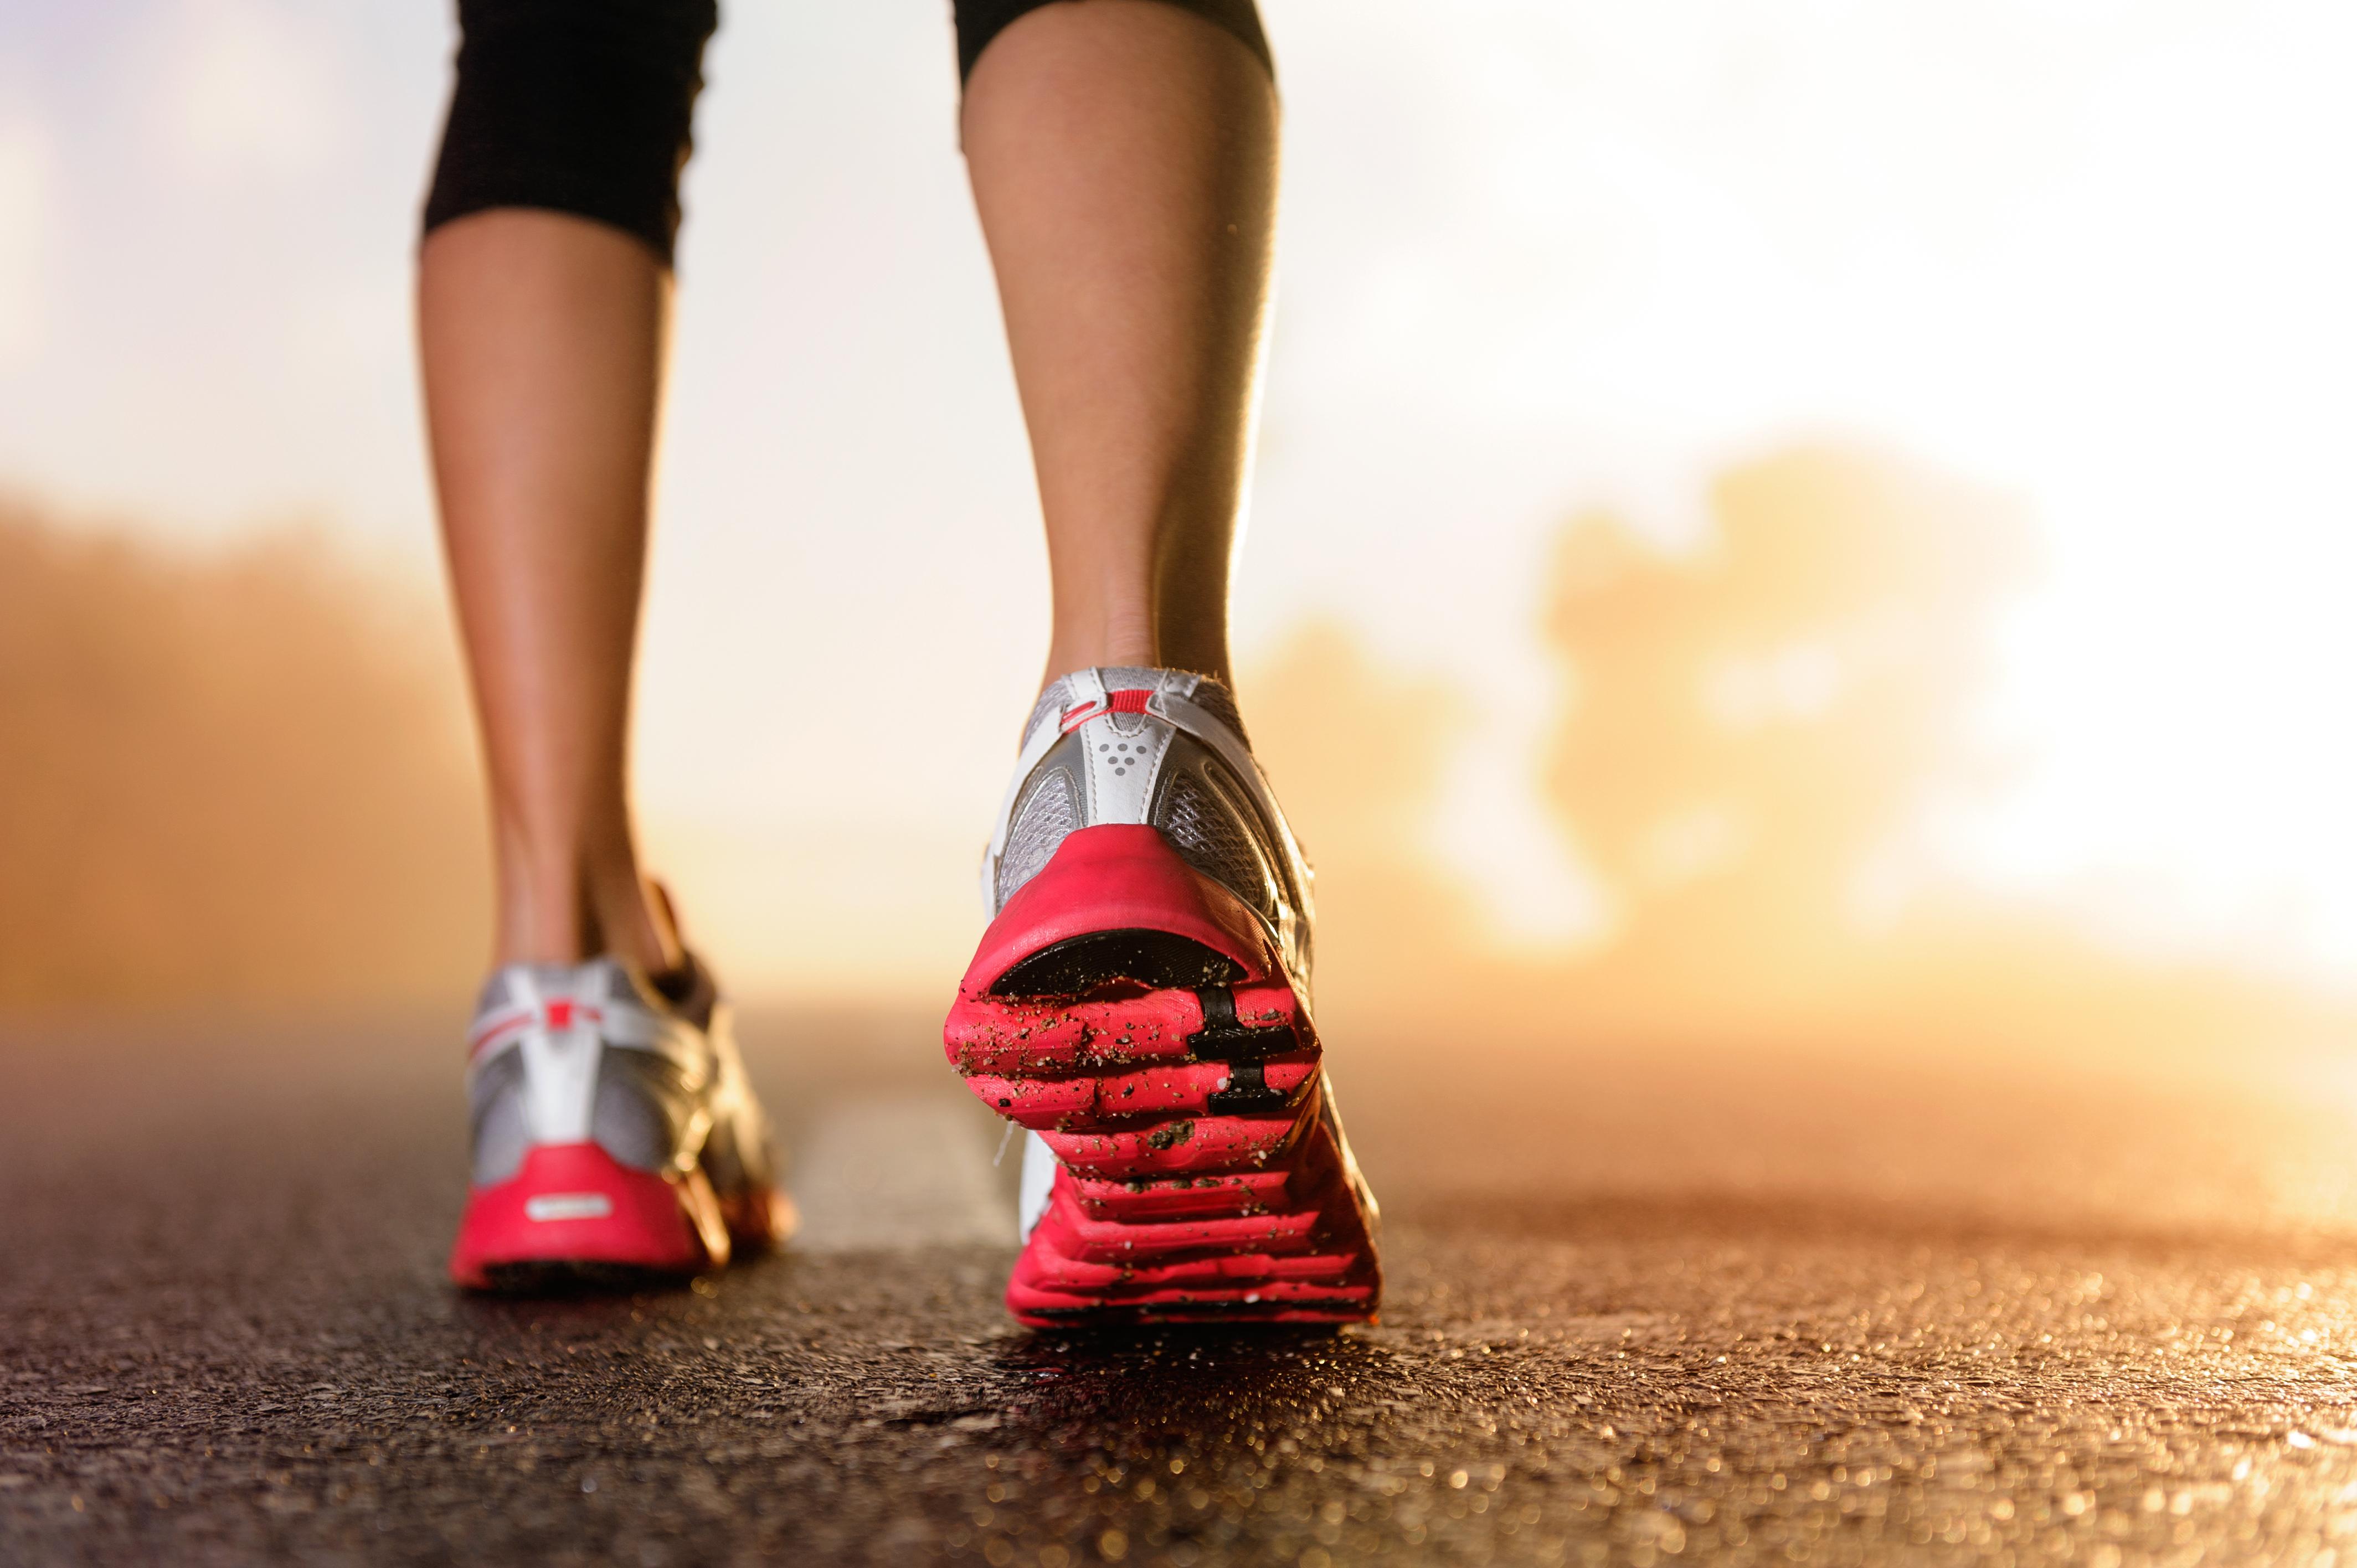 Comment progresser en course à pied